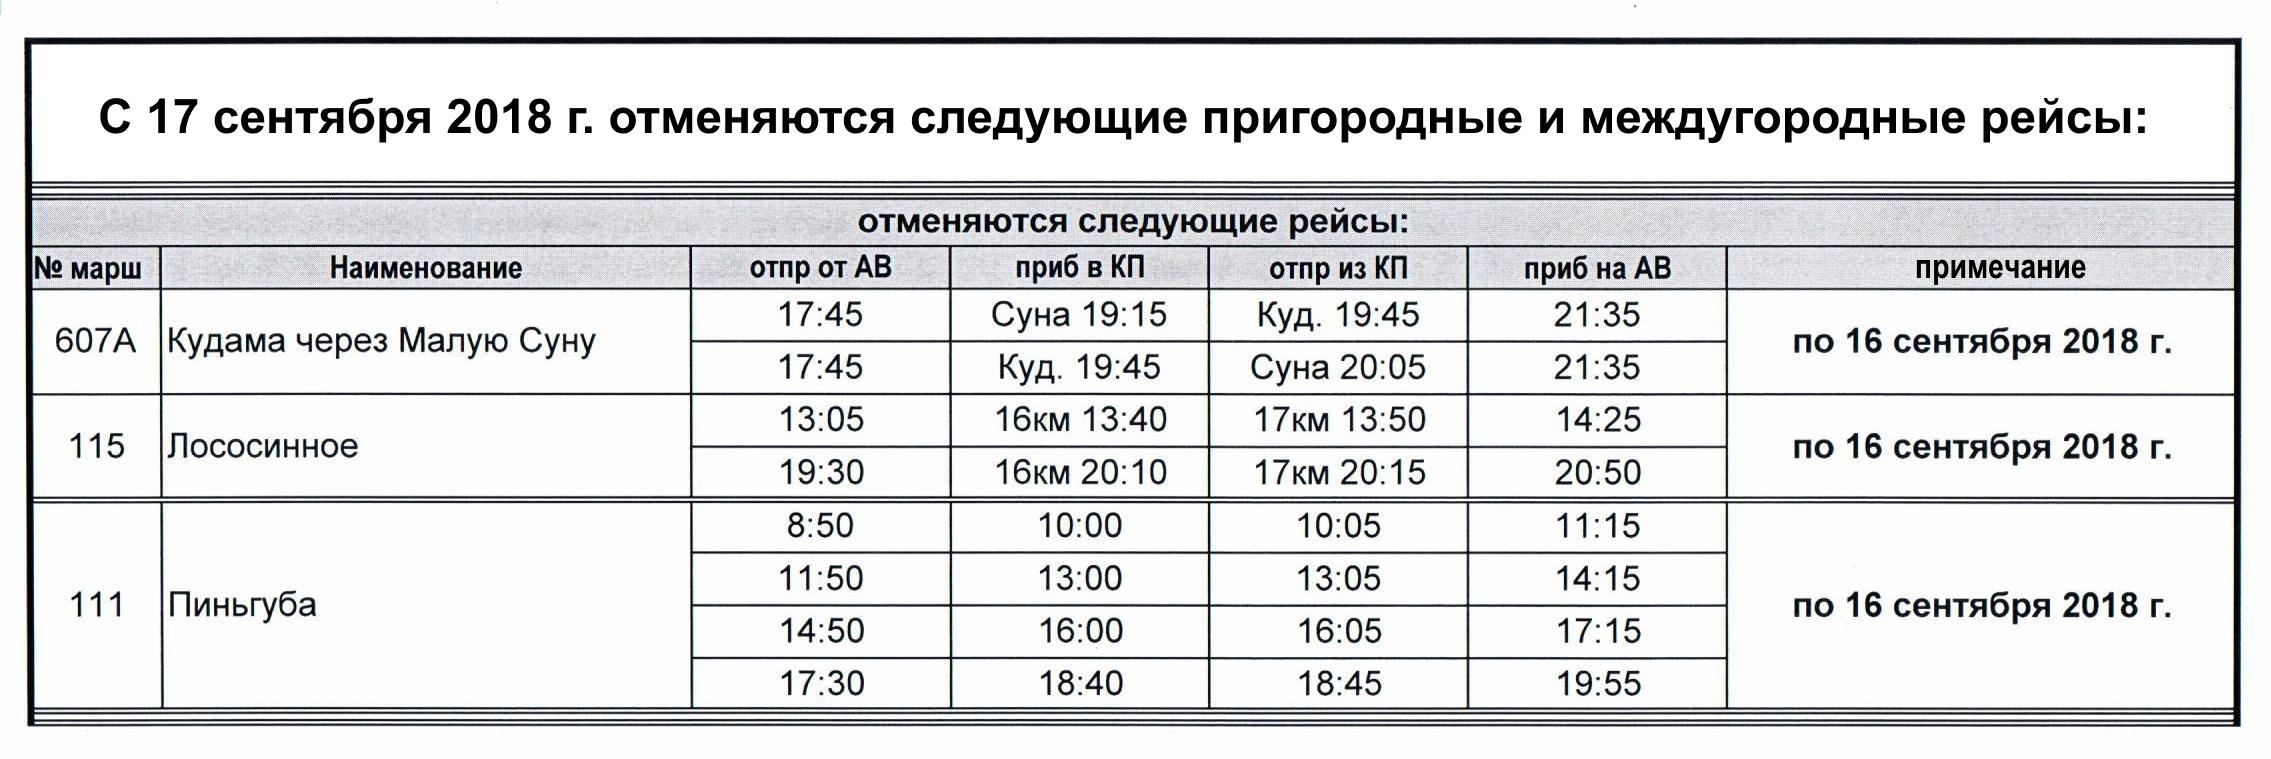 изменения с 17.09